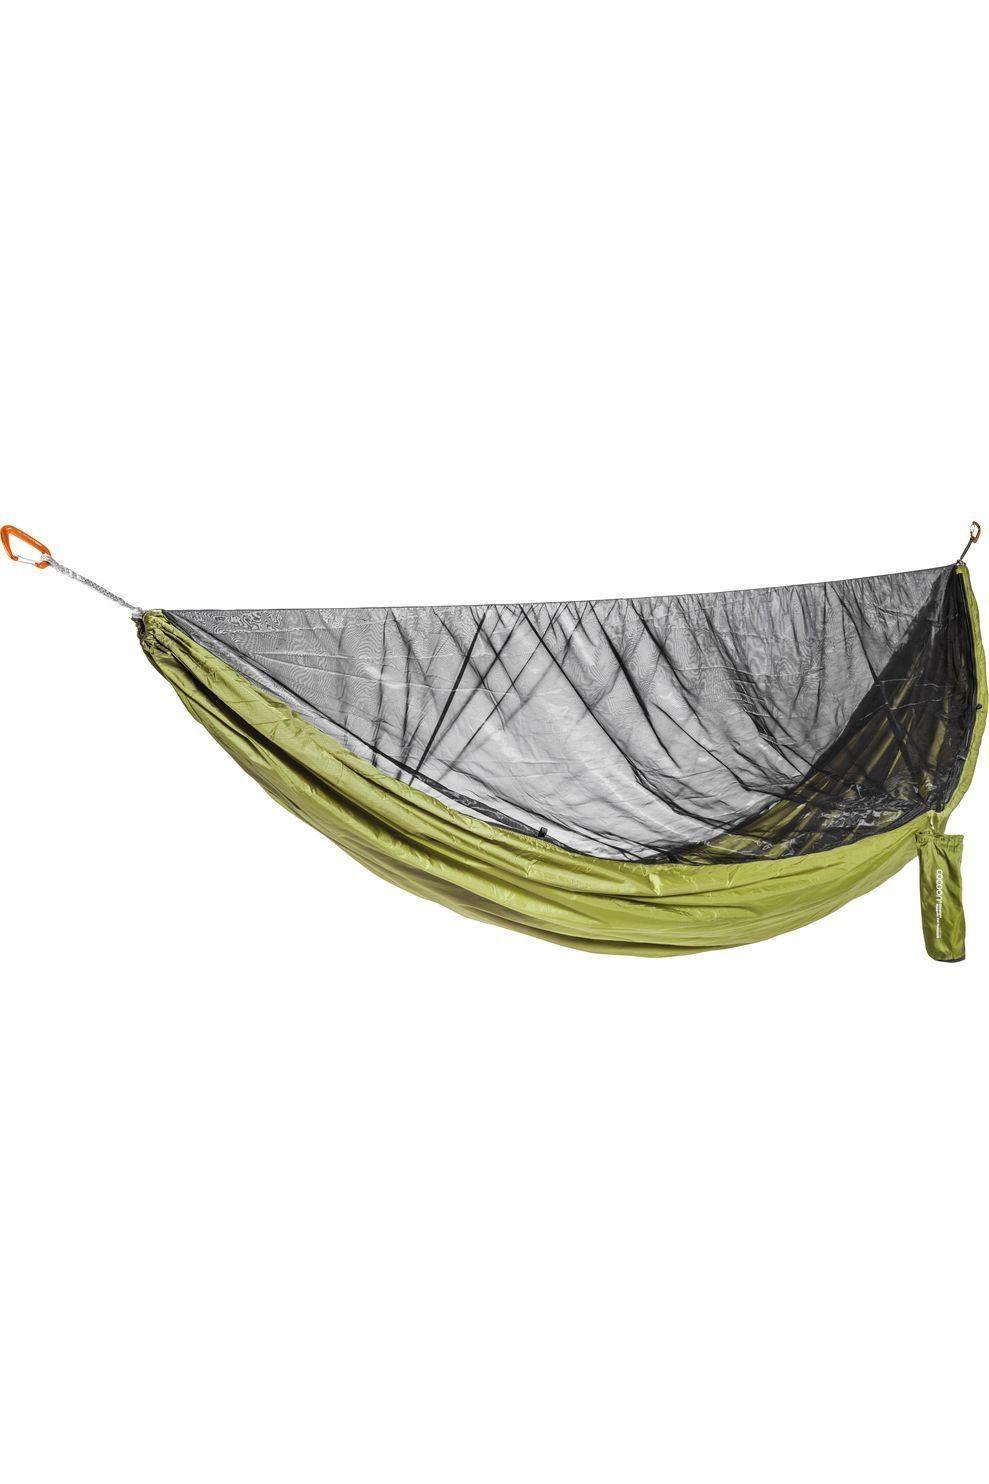 Cocoon Hangmat Ultralight Mosquito Net Hammock - MiddenGroen